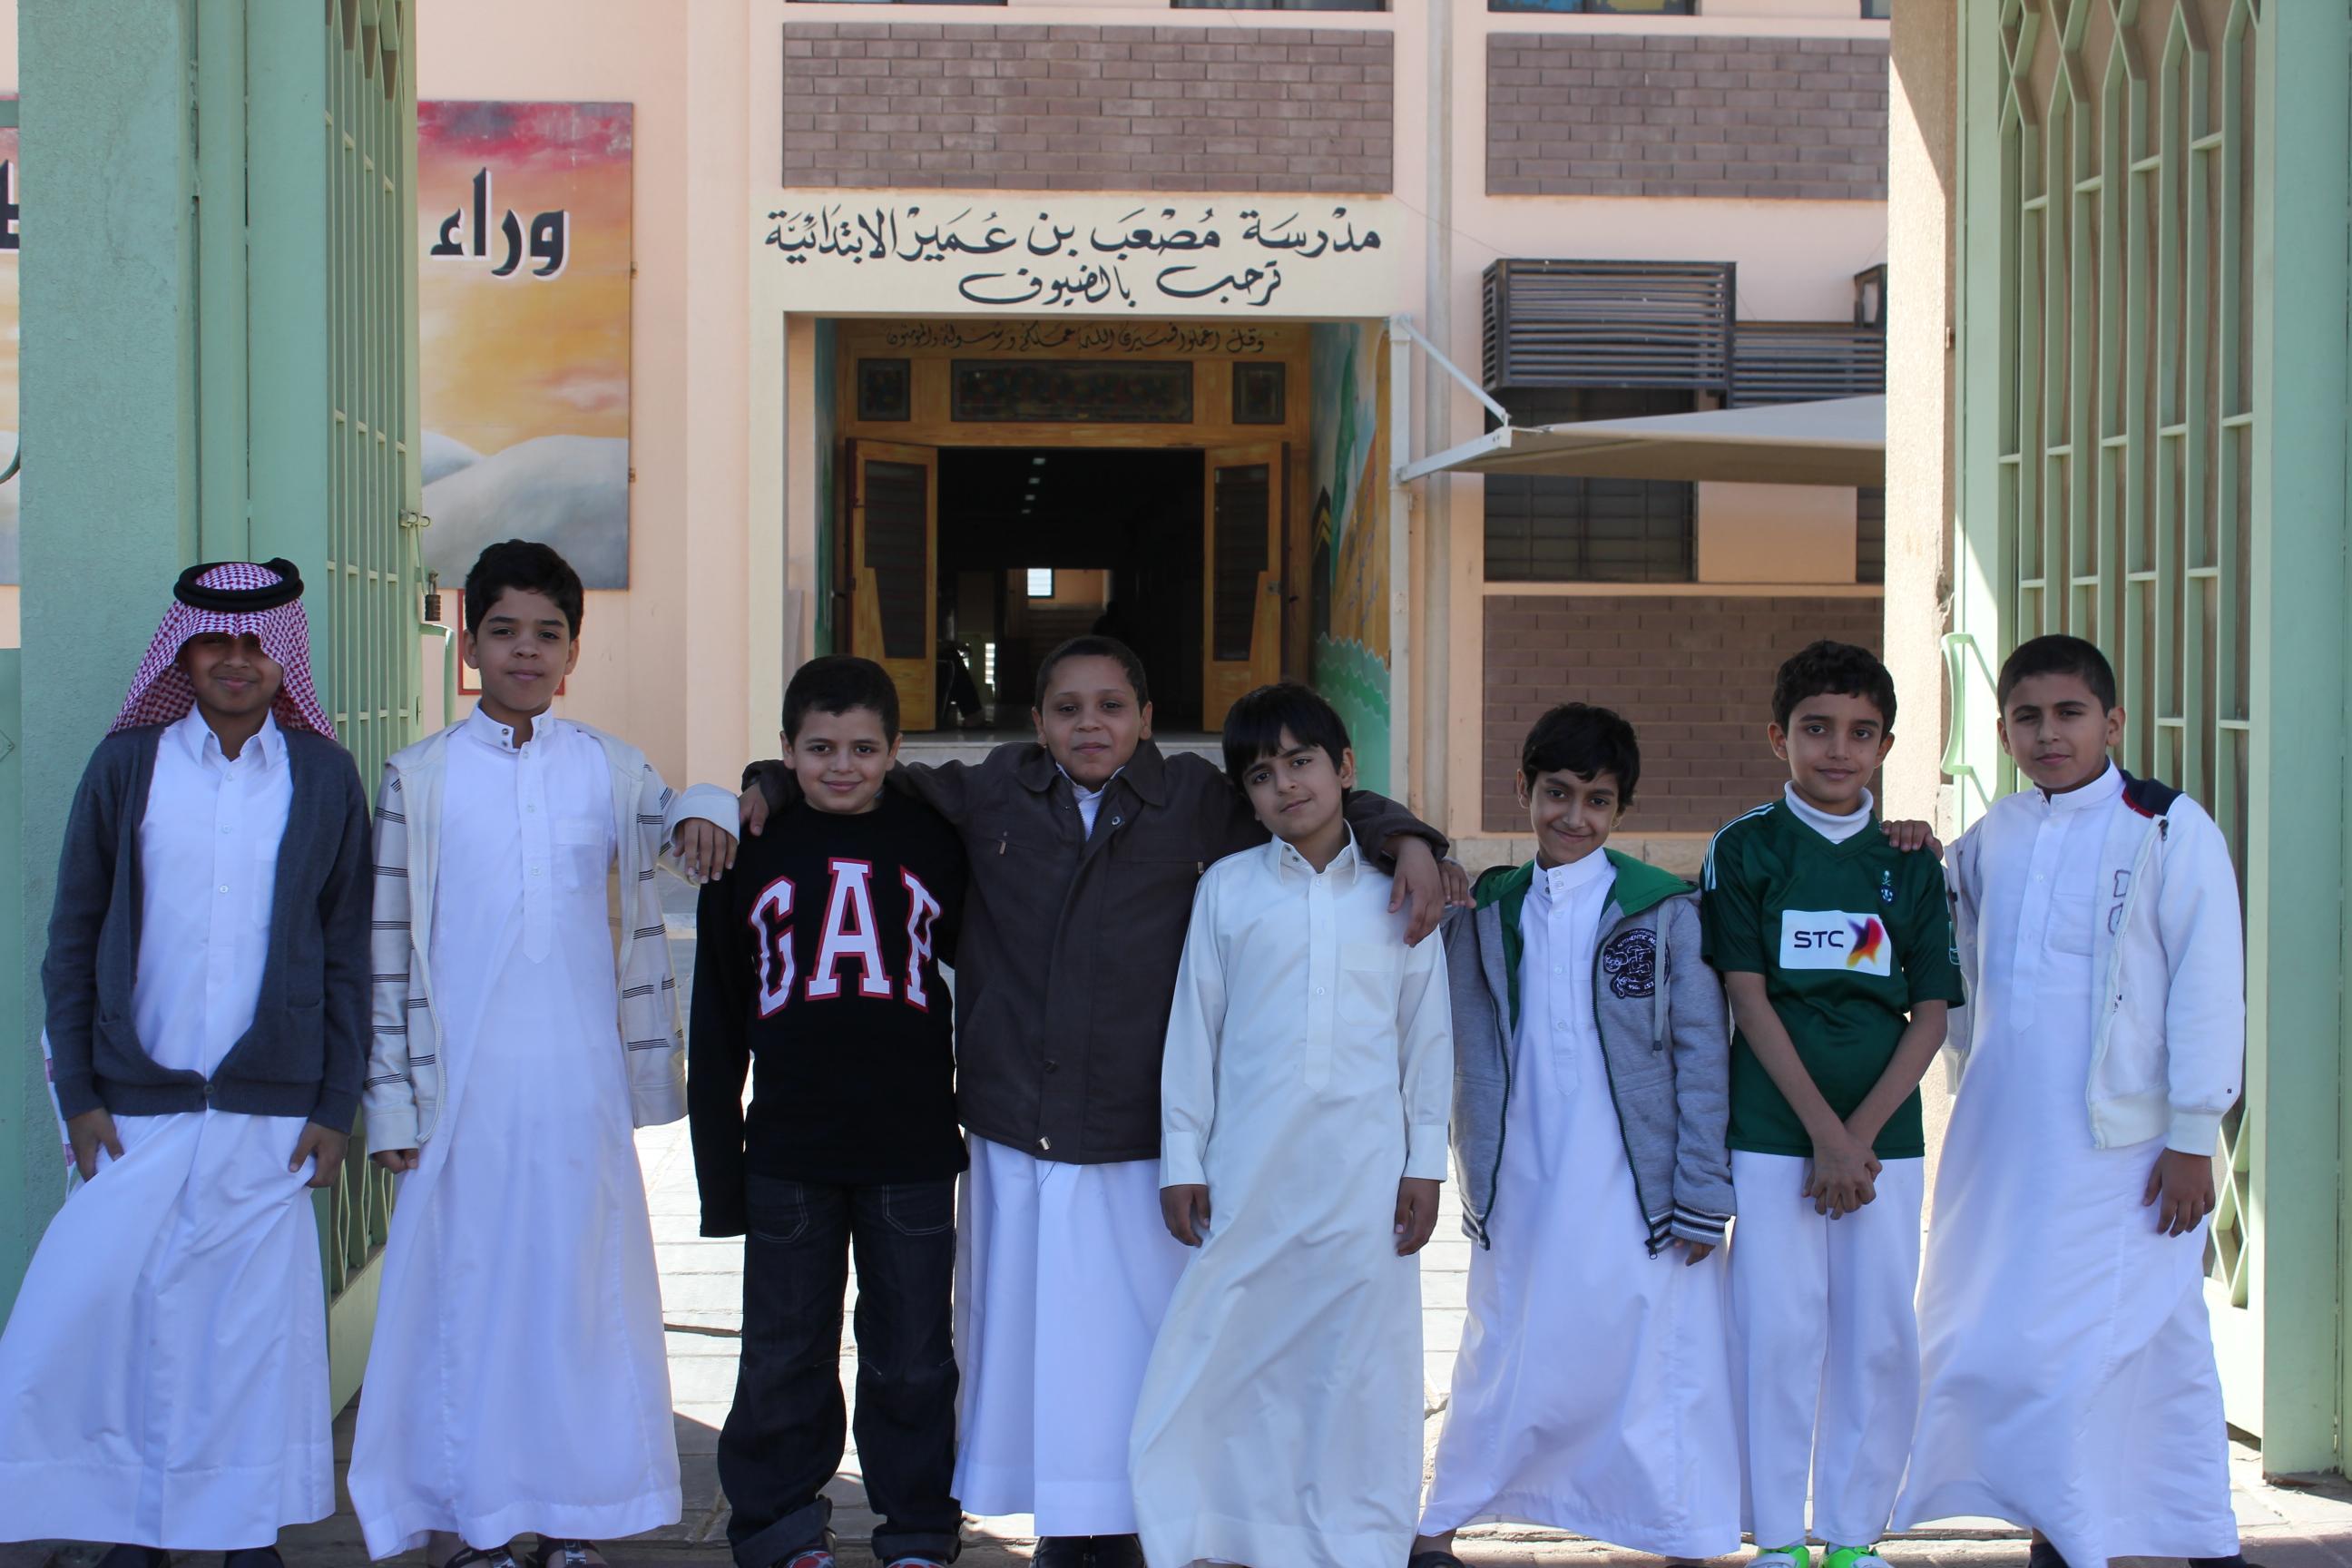 زيارة فريق المصادر لمركز مصادر مدرسة مصعب بن عمير الابتدائية